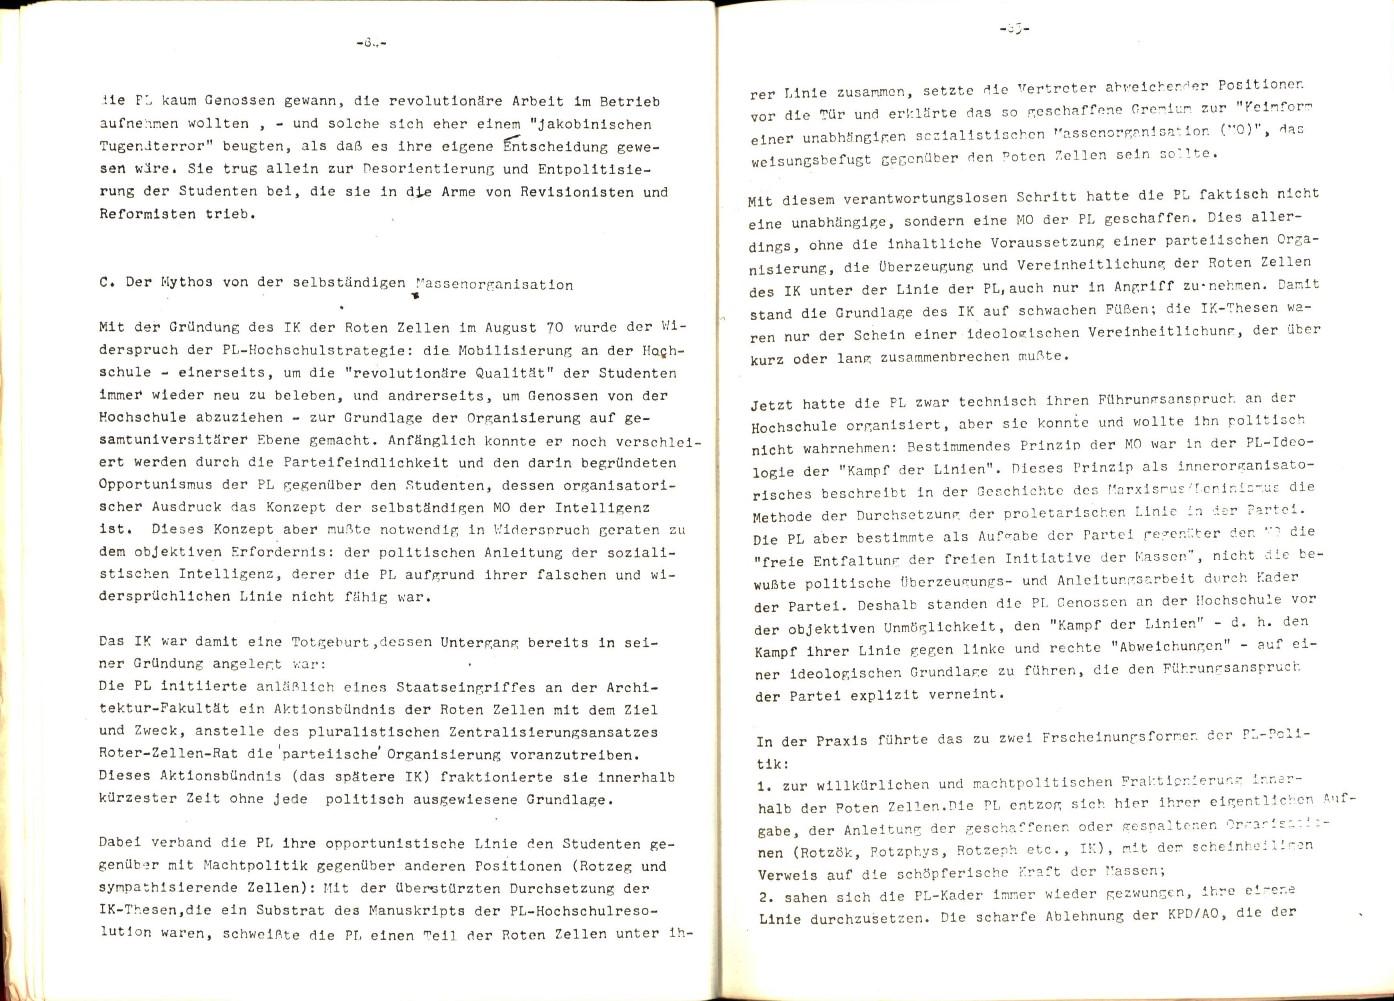 PLPI_1971_Aufloesung_45